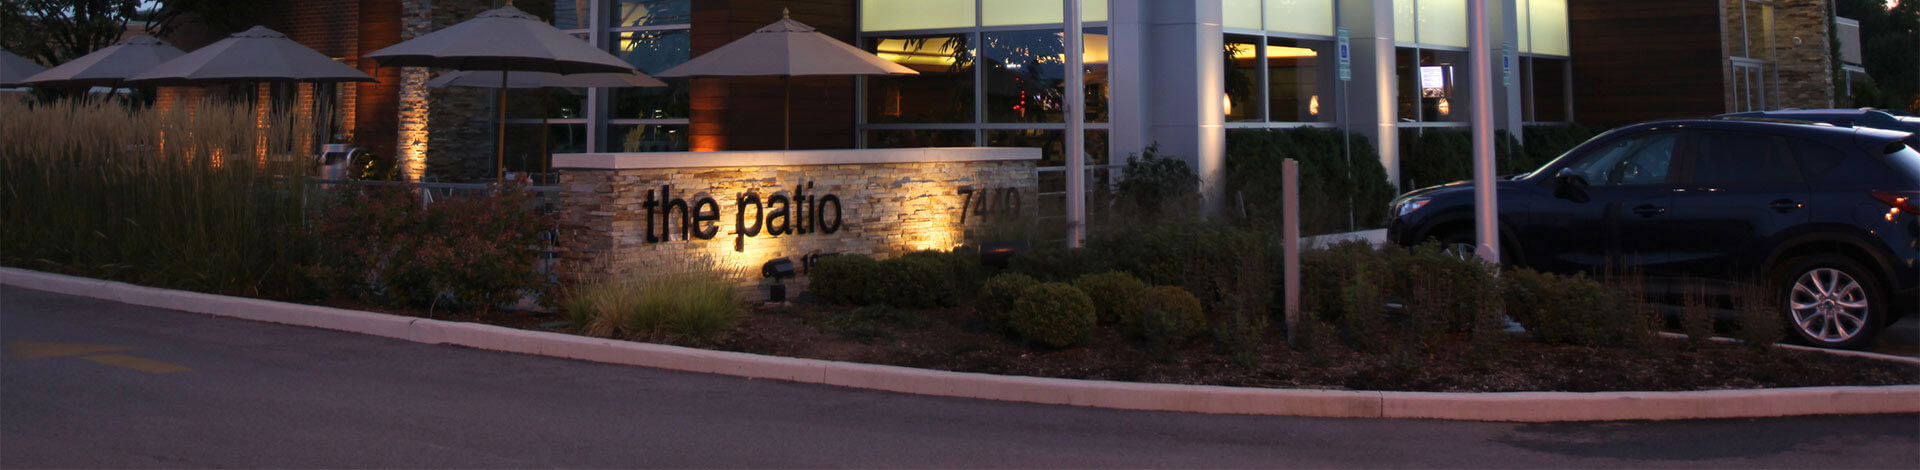 Best Restaurants Near Aurora Il